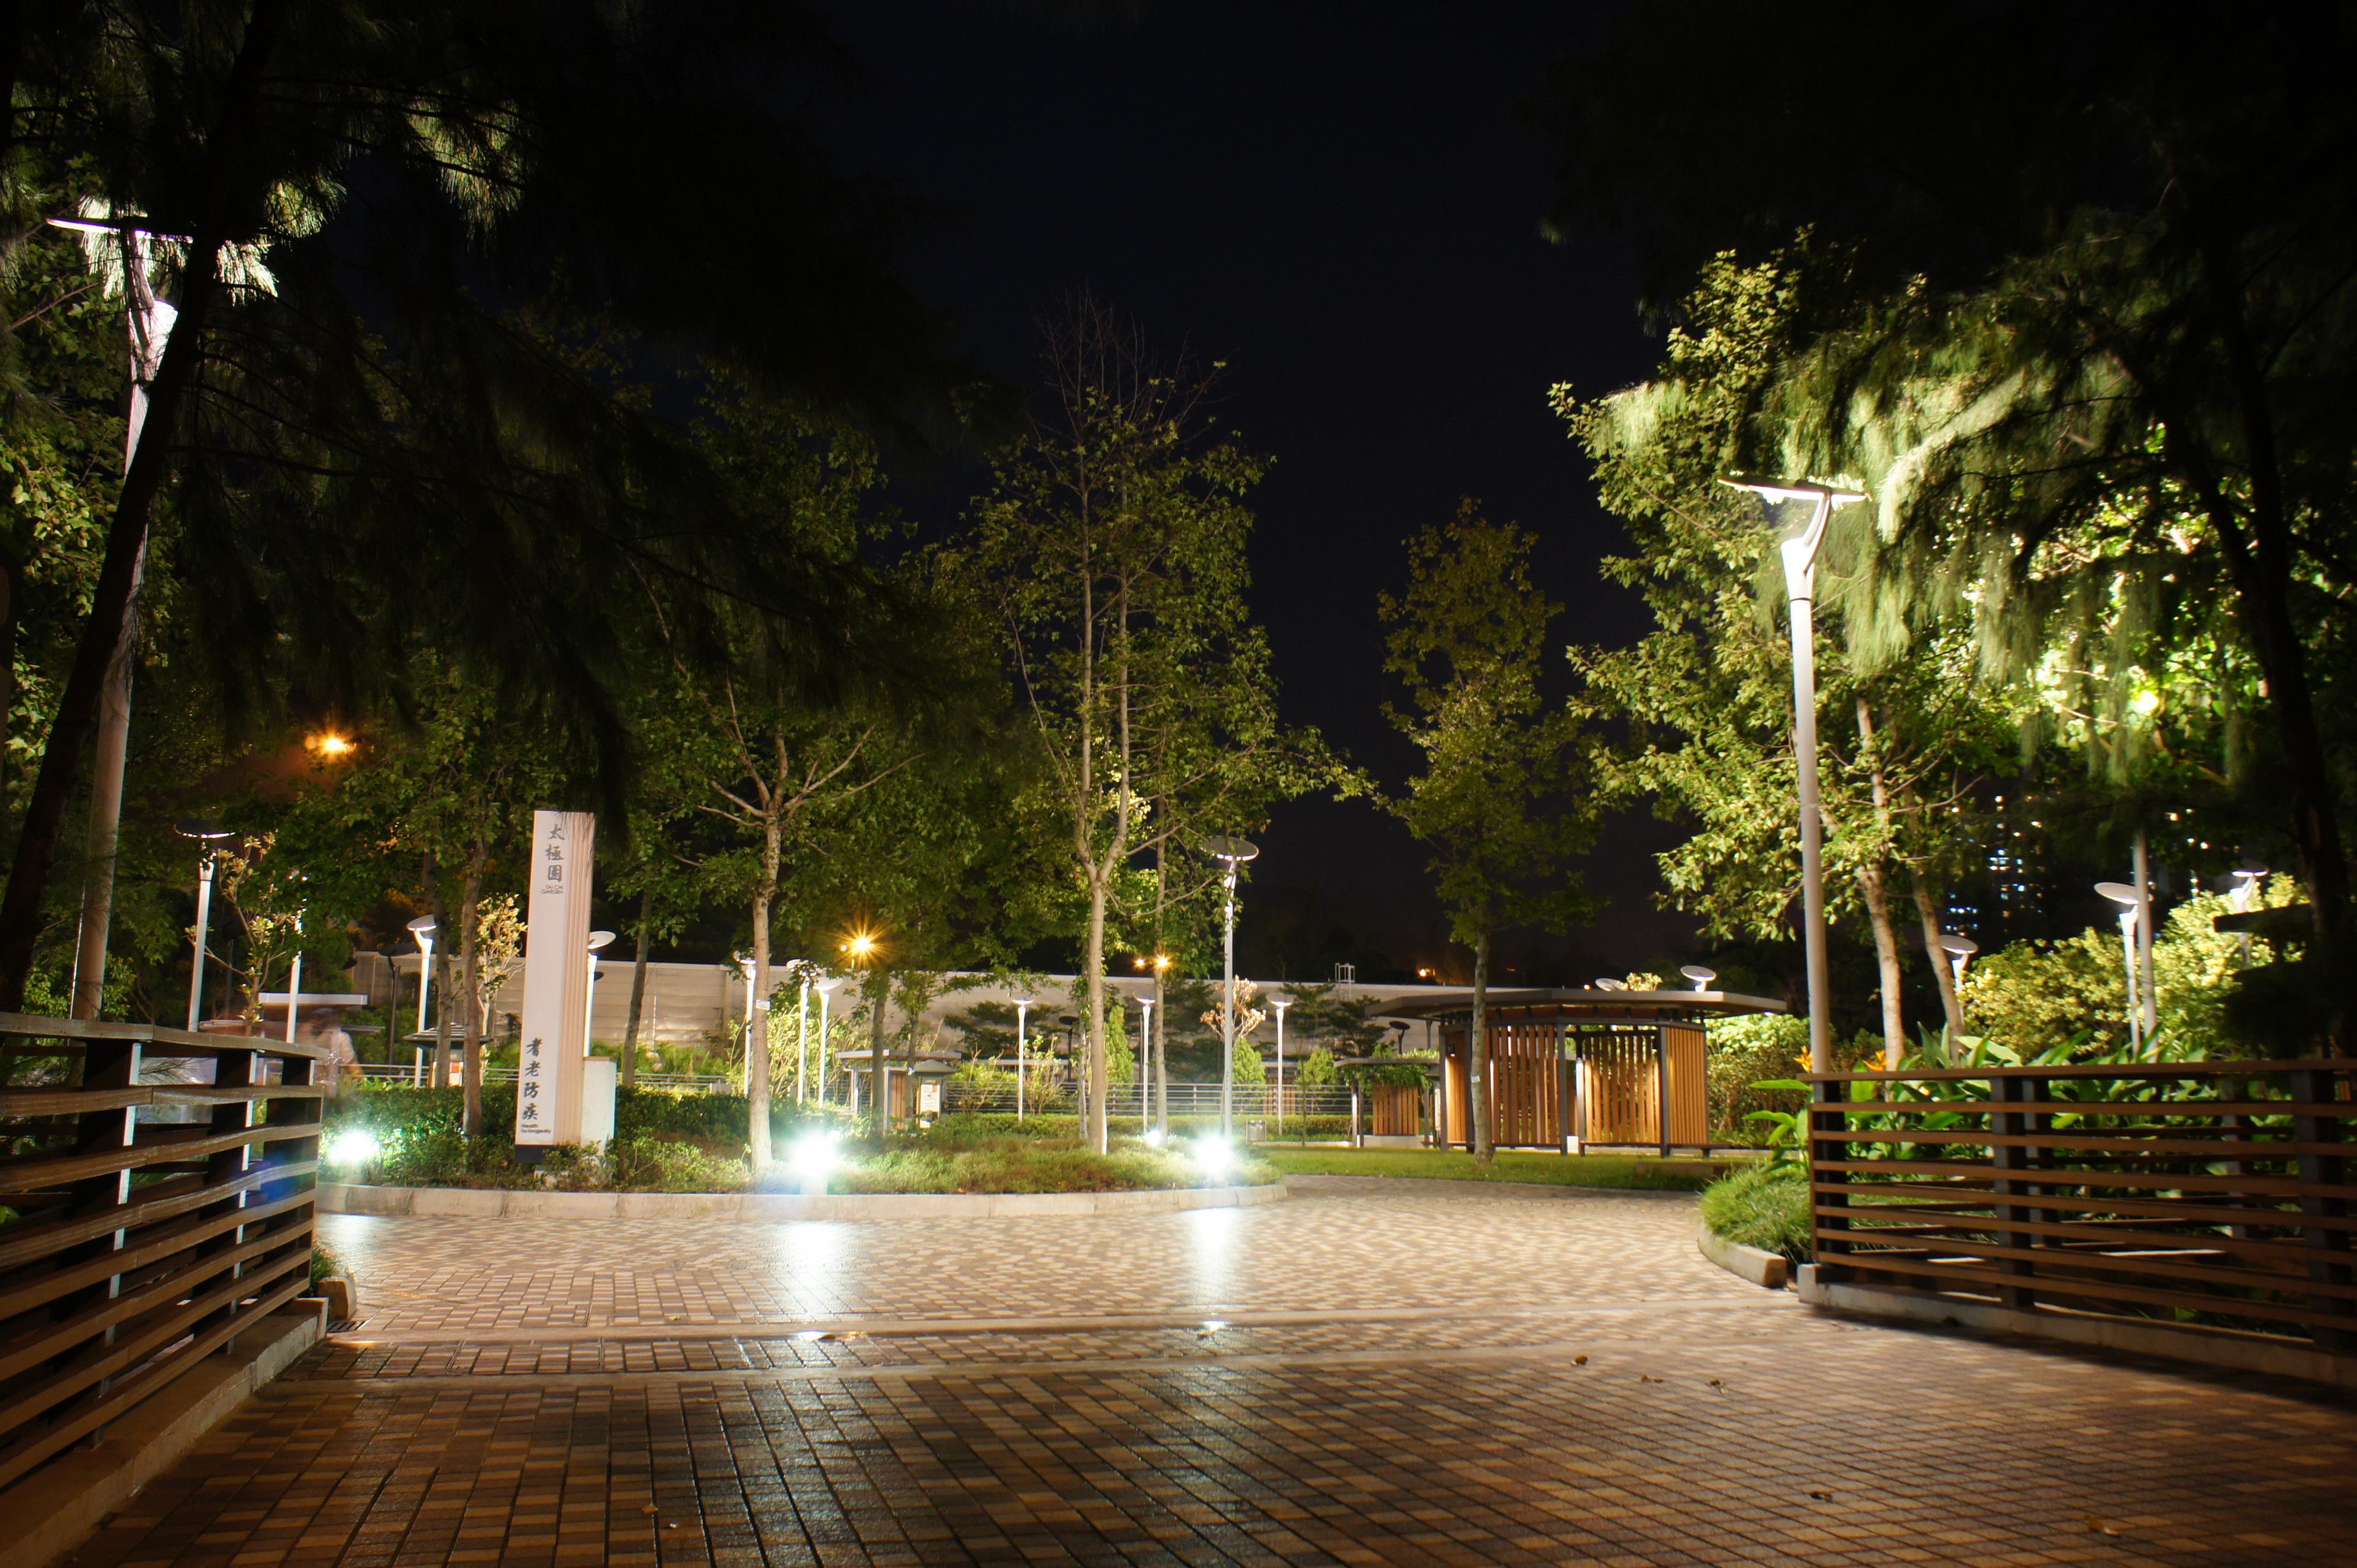 File:Tung Chung North Park, Tai Chi Garden at night (Hong Kong).jpg ...